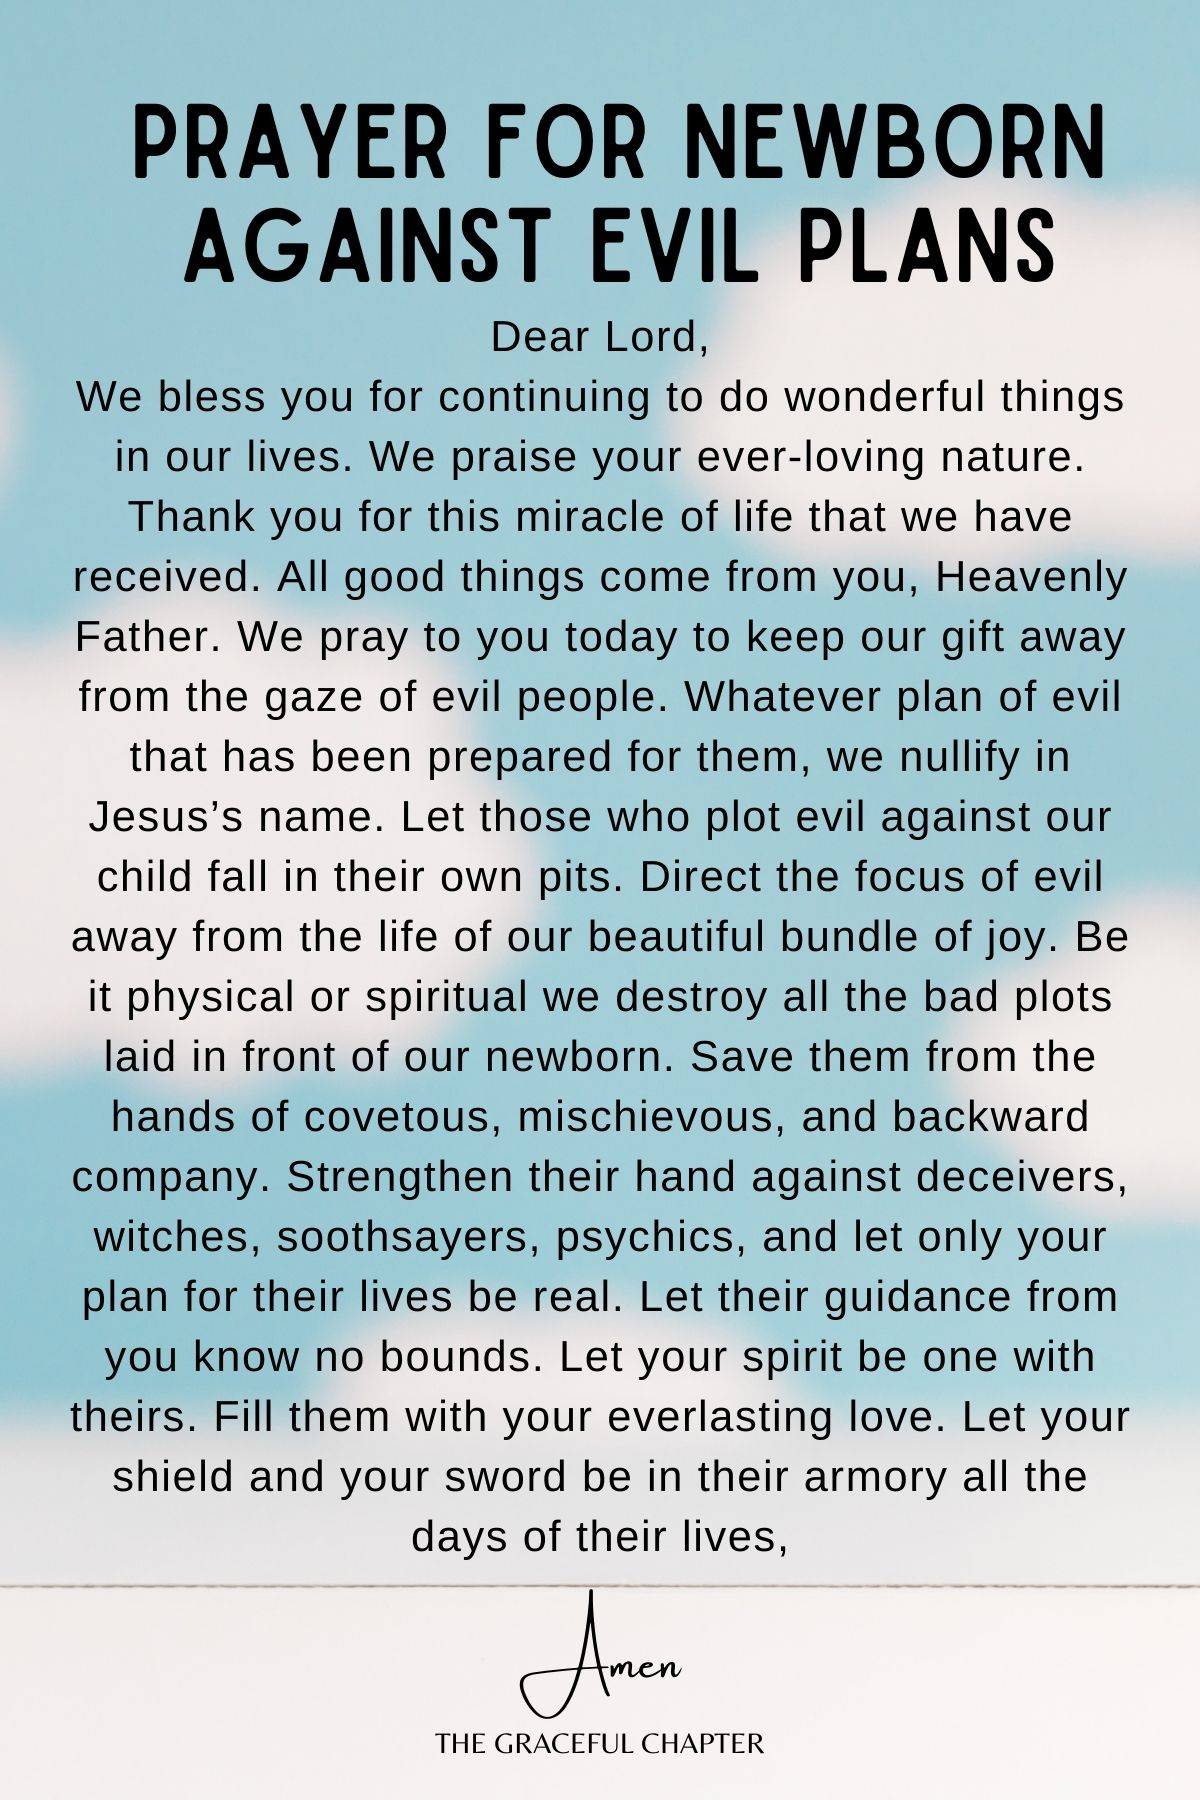 Prayers for newborn - against evil plans